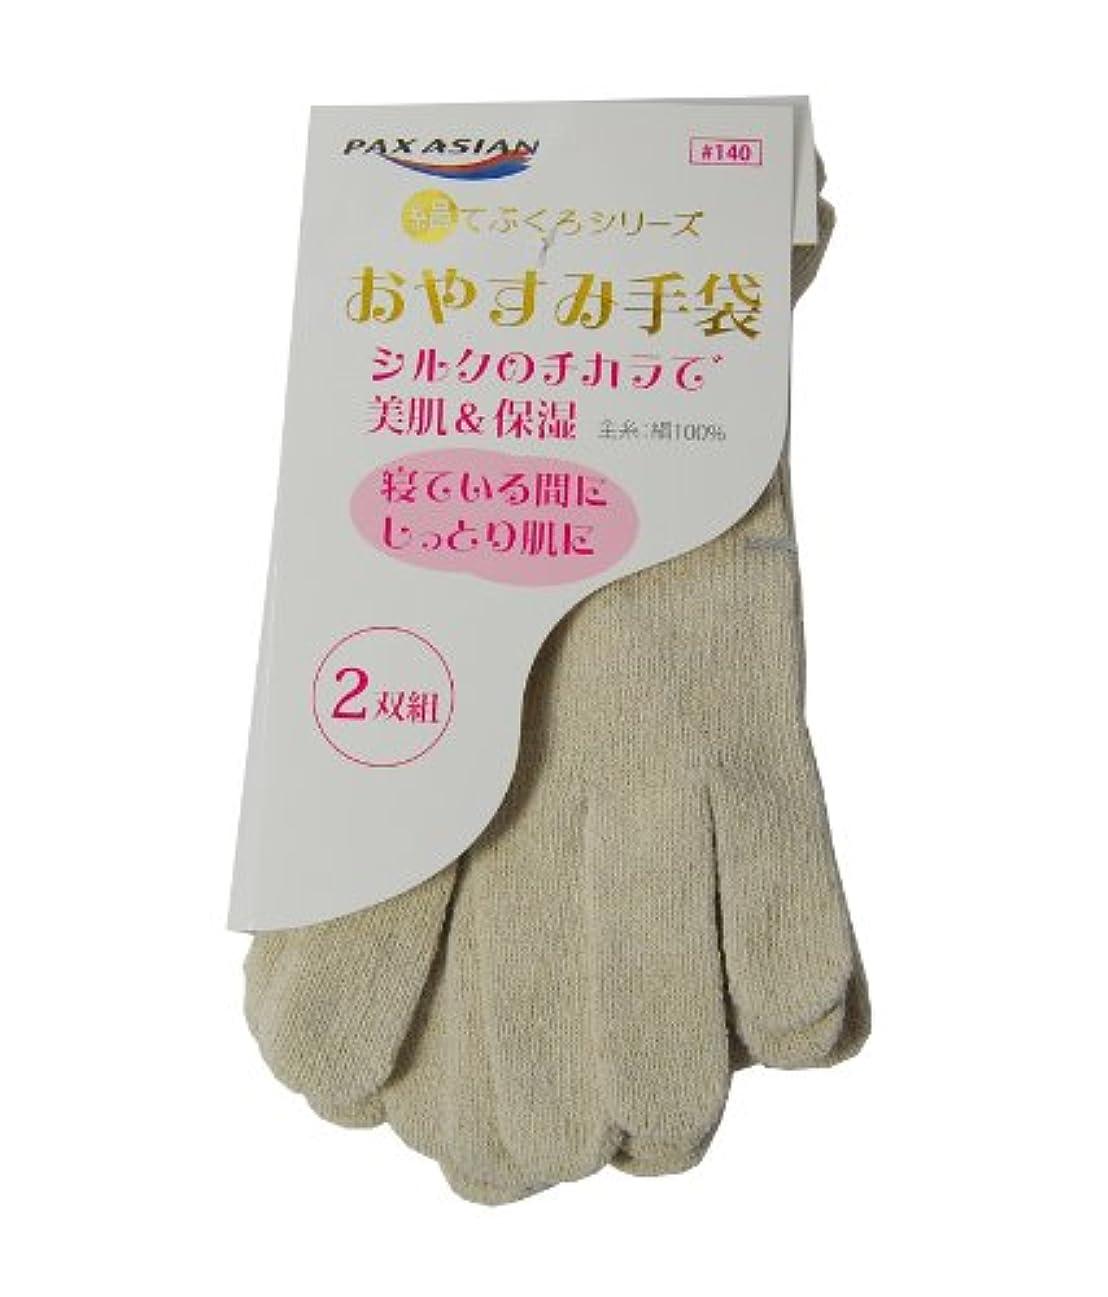 付ける和らげる無能PAX-ASIAN おやすみ シルク手袋 フレアータイプ 絹 100% ソフト 婦人用 2双組 #140